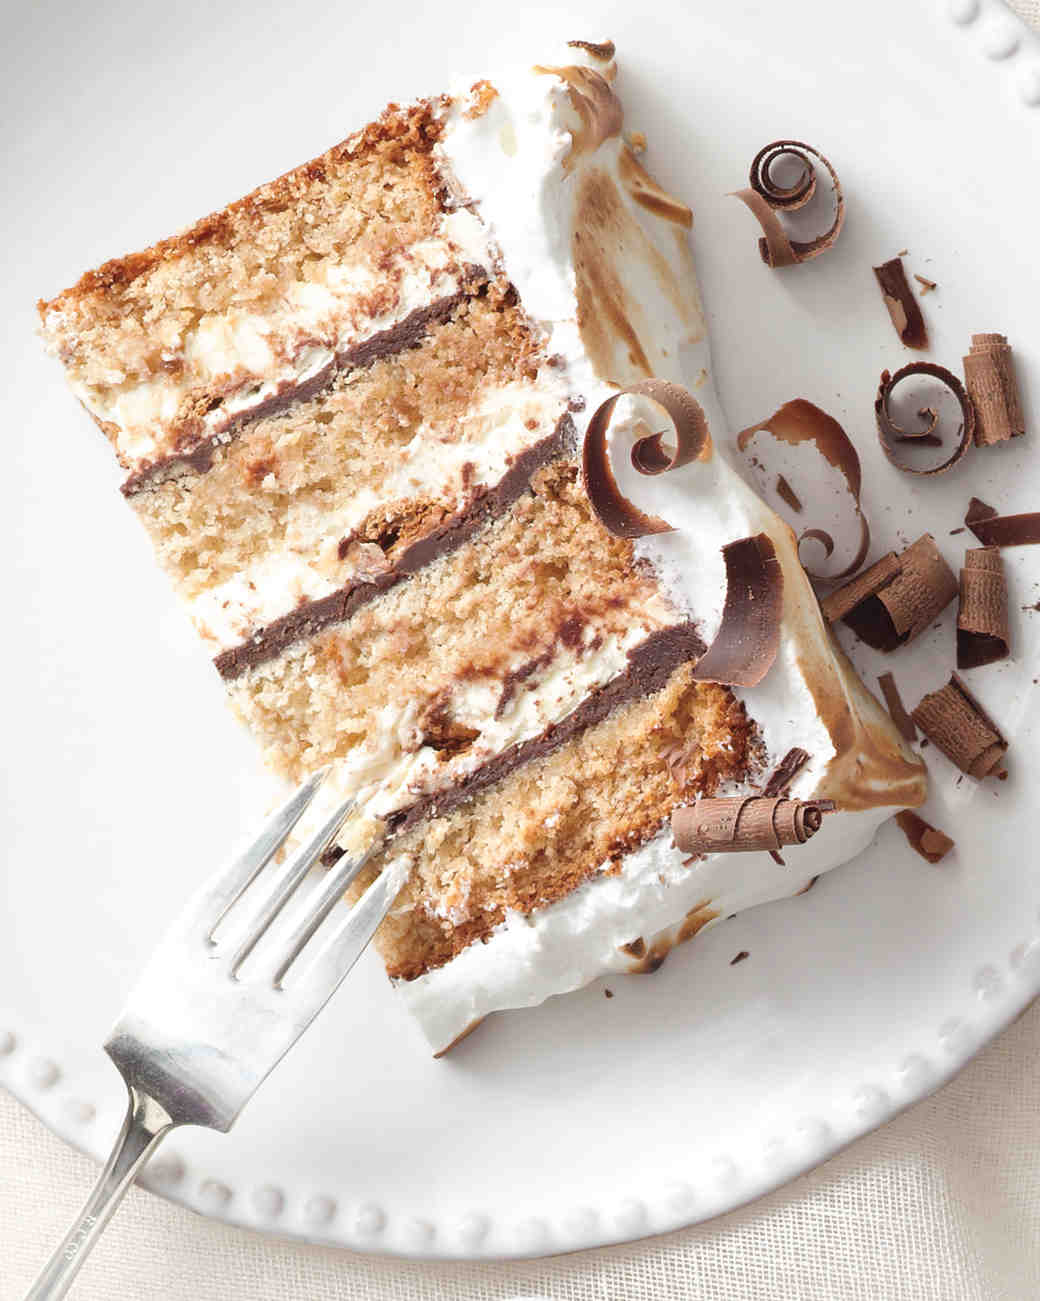 dessert-slices-scrumptious-smores-mwd109994.jpg